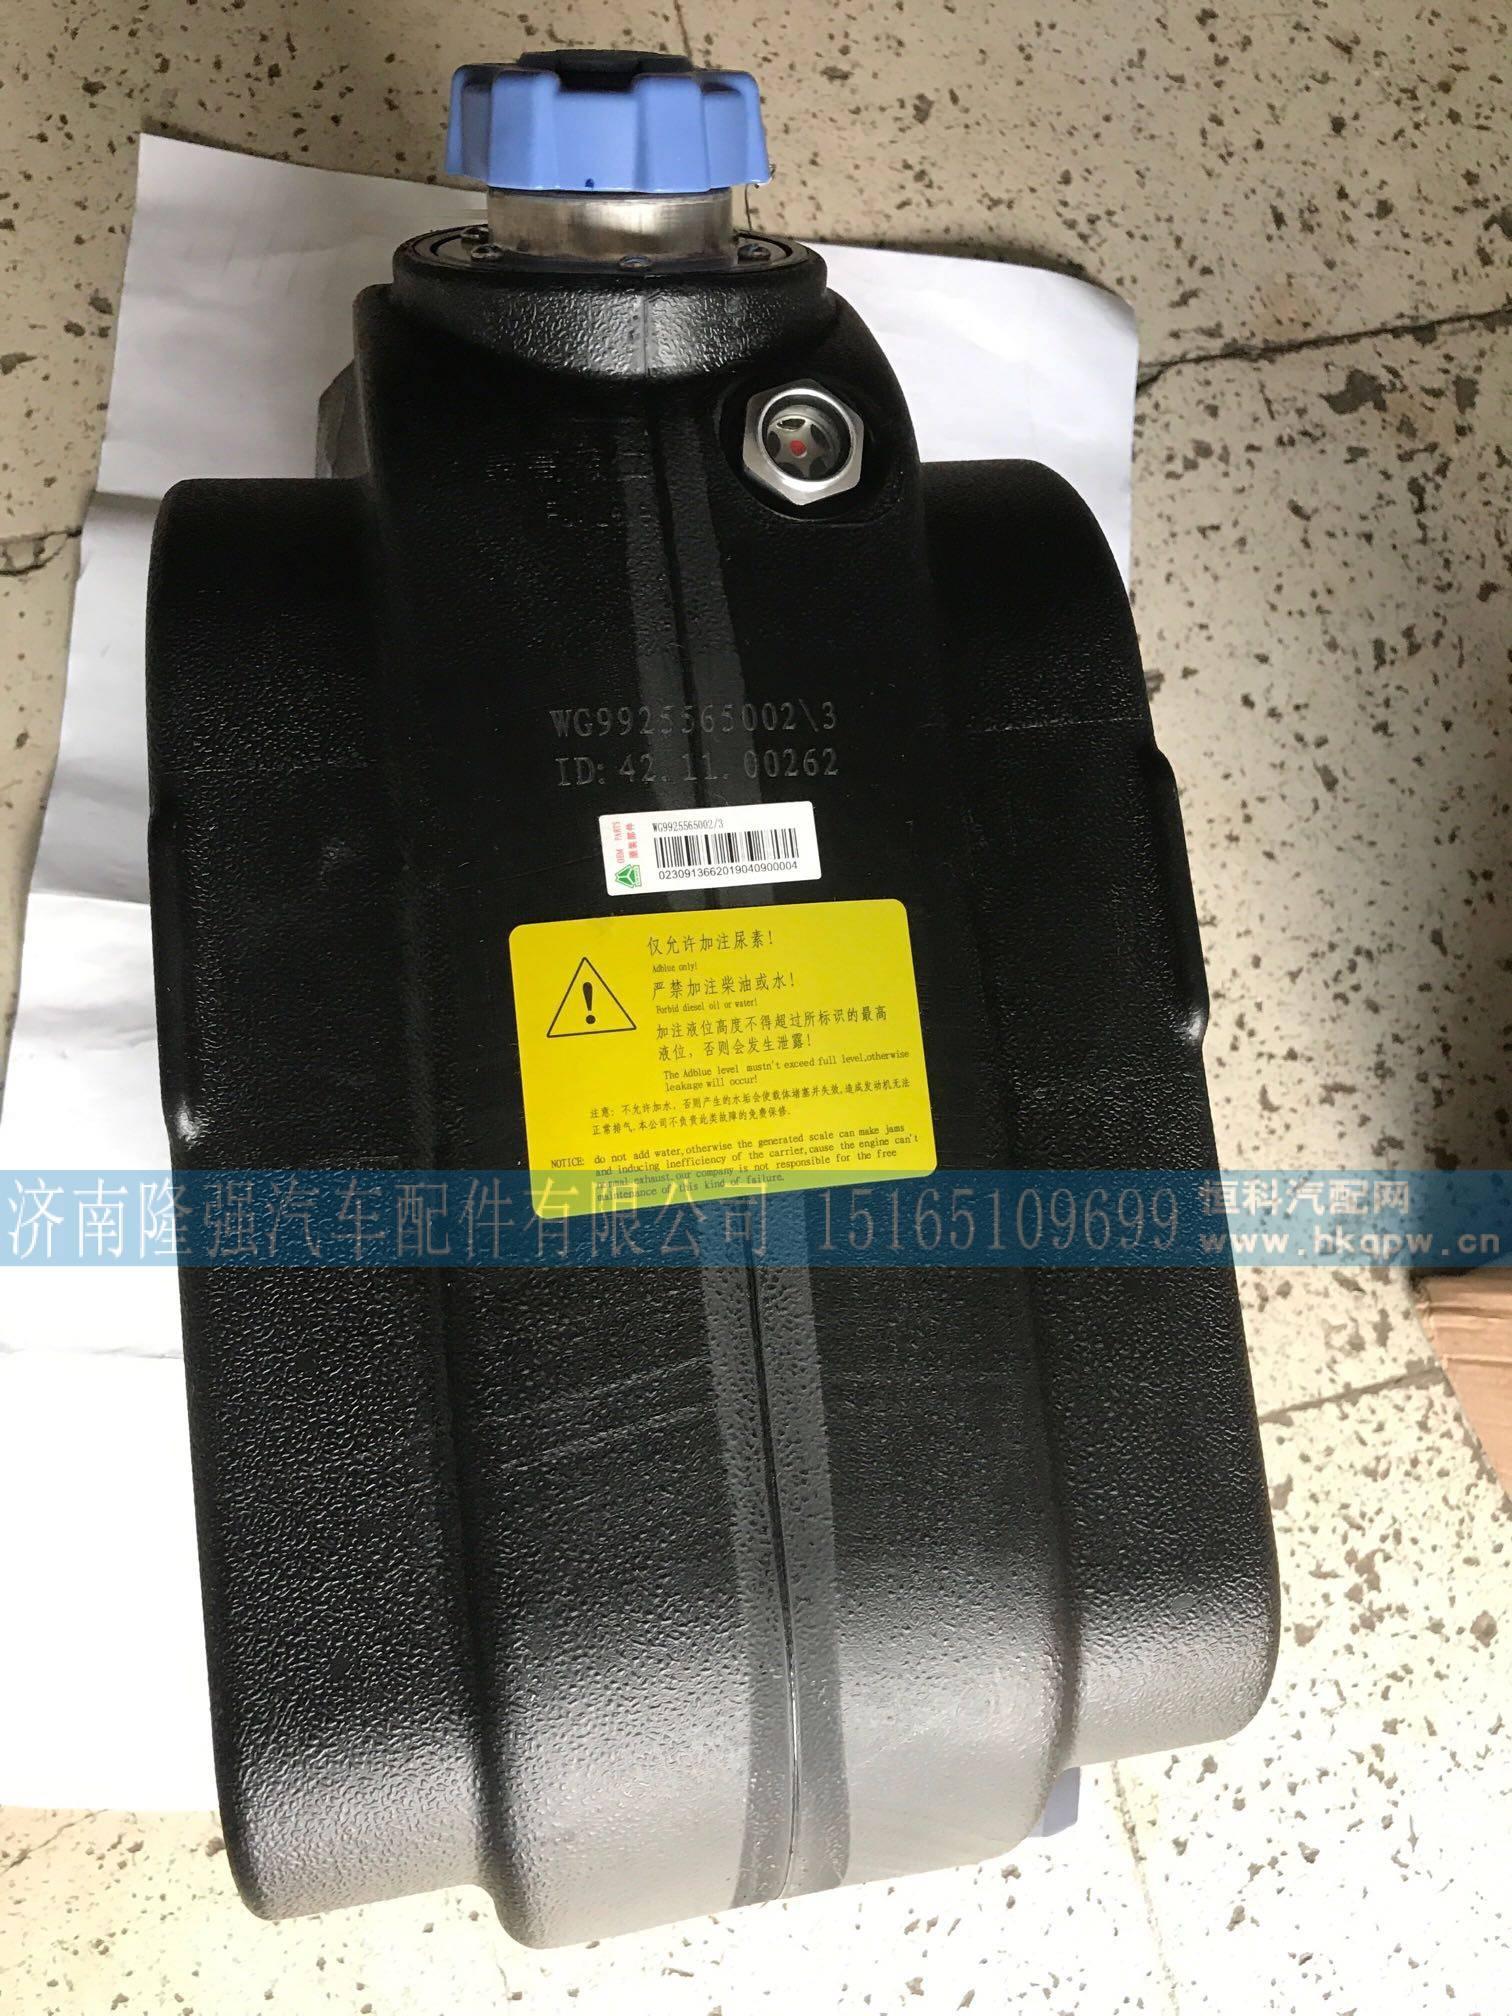 中国重气国四国五发动机尿素箱总成WG9925565002/WG9925565002